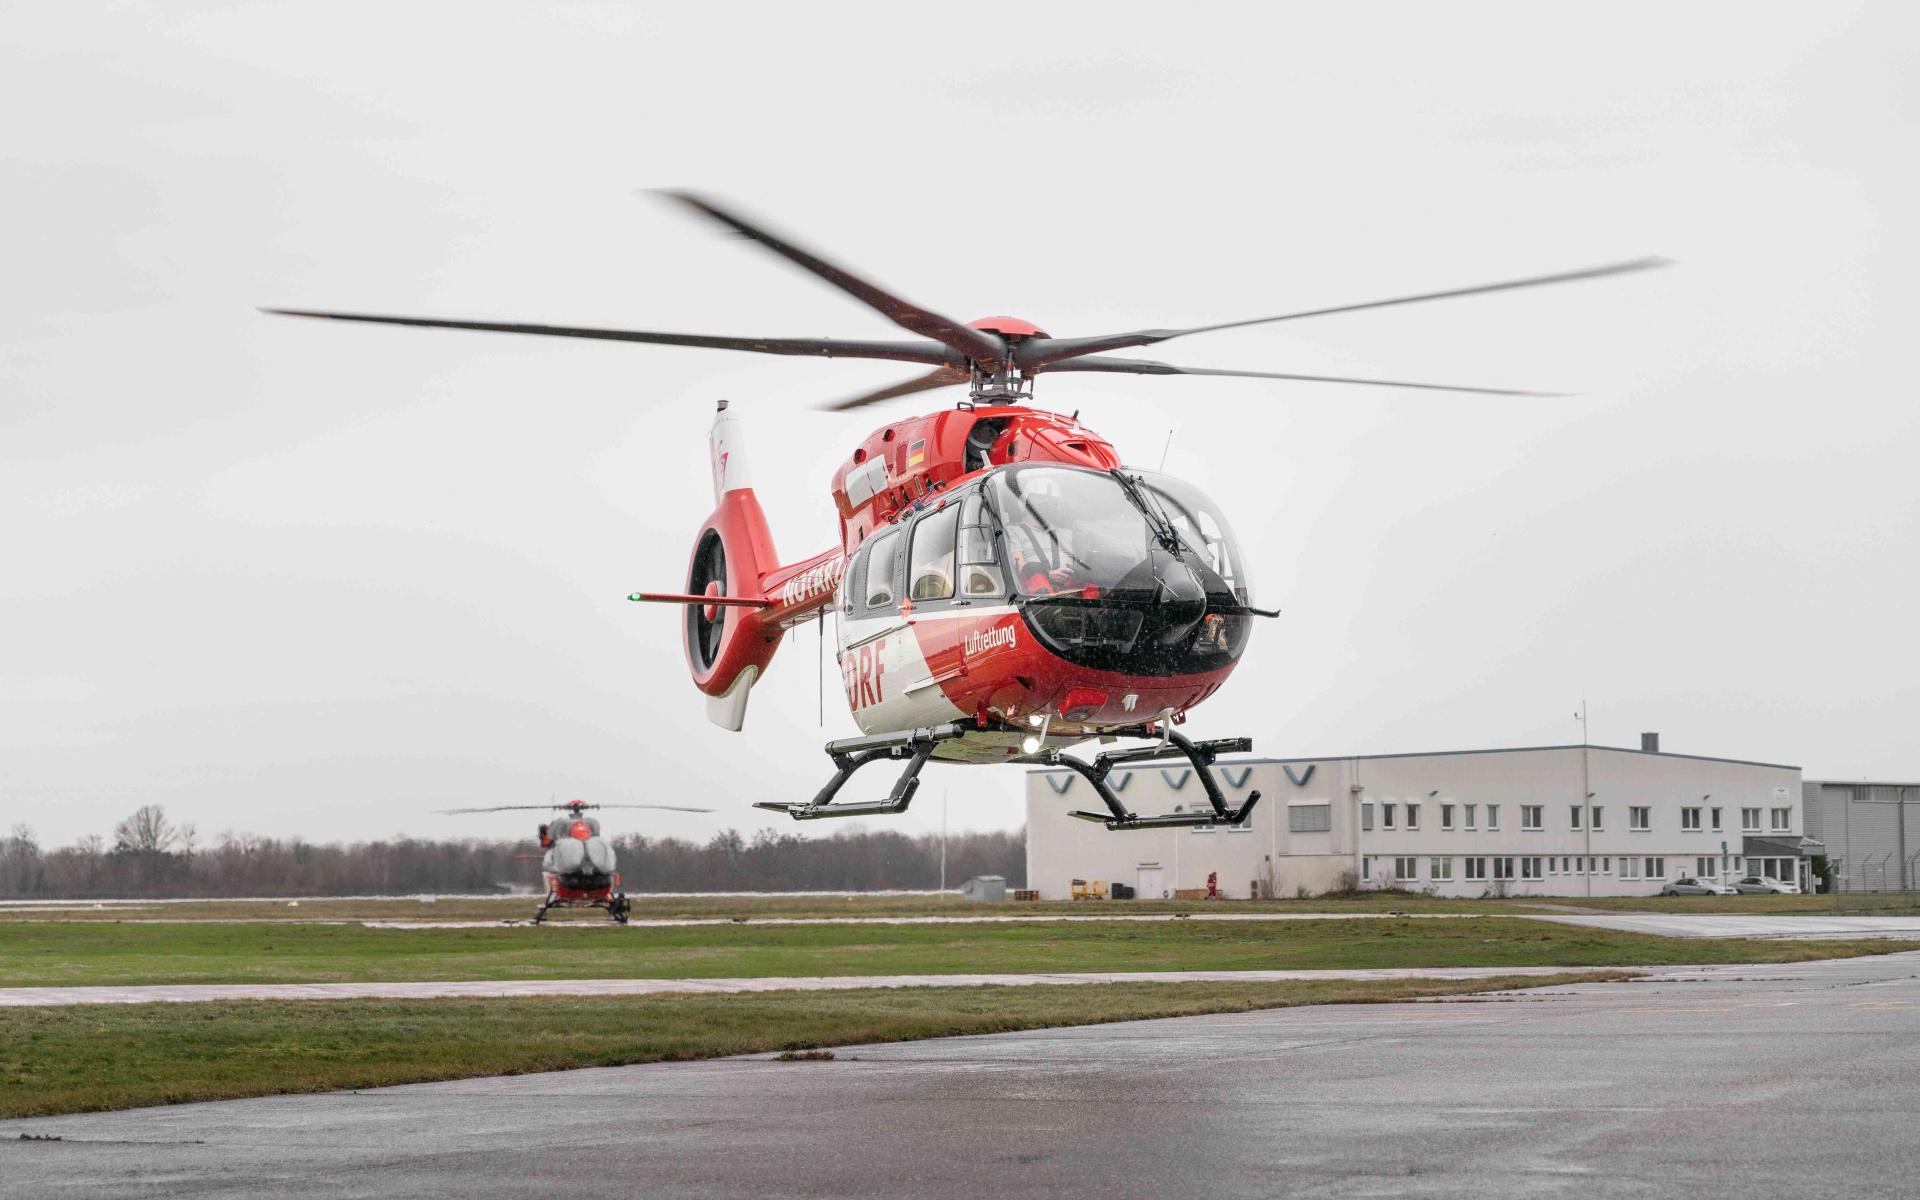 Die H145 mit Fünfblattrotor bei ihrer Ankunft am Operation Center der DRF Luftrettung. (Quelle: DRF Luftrettung)